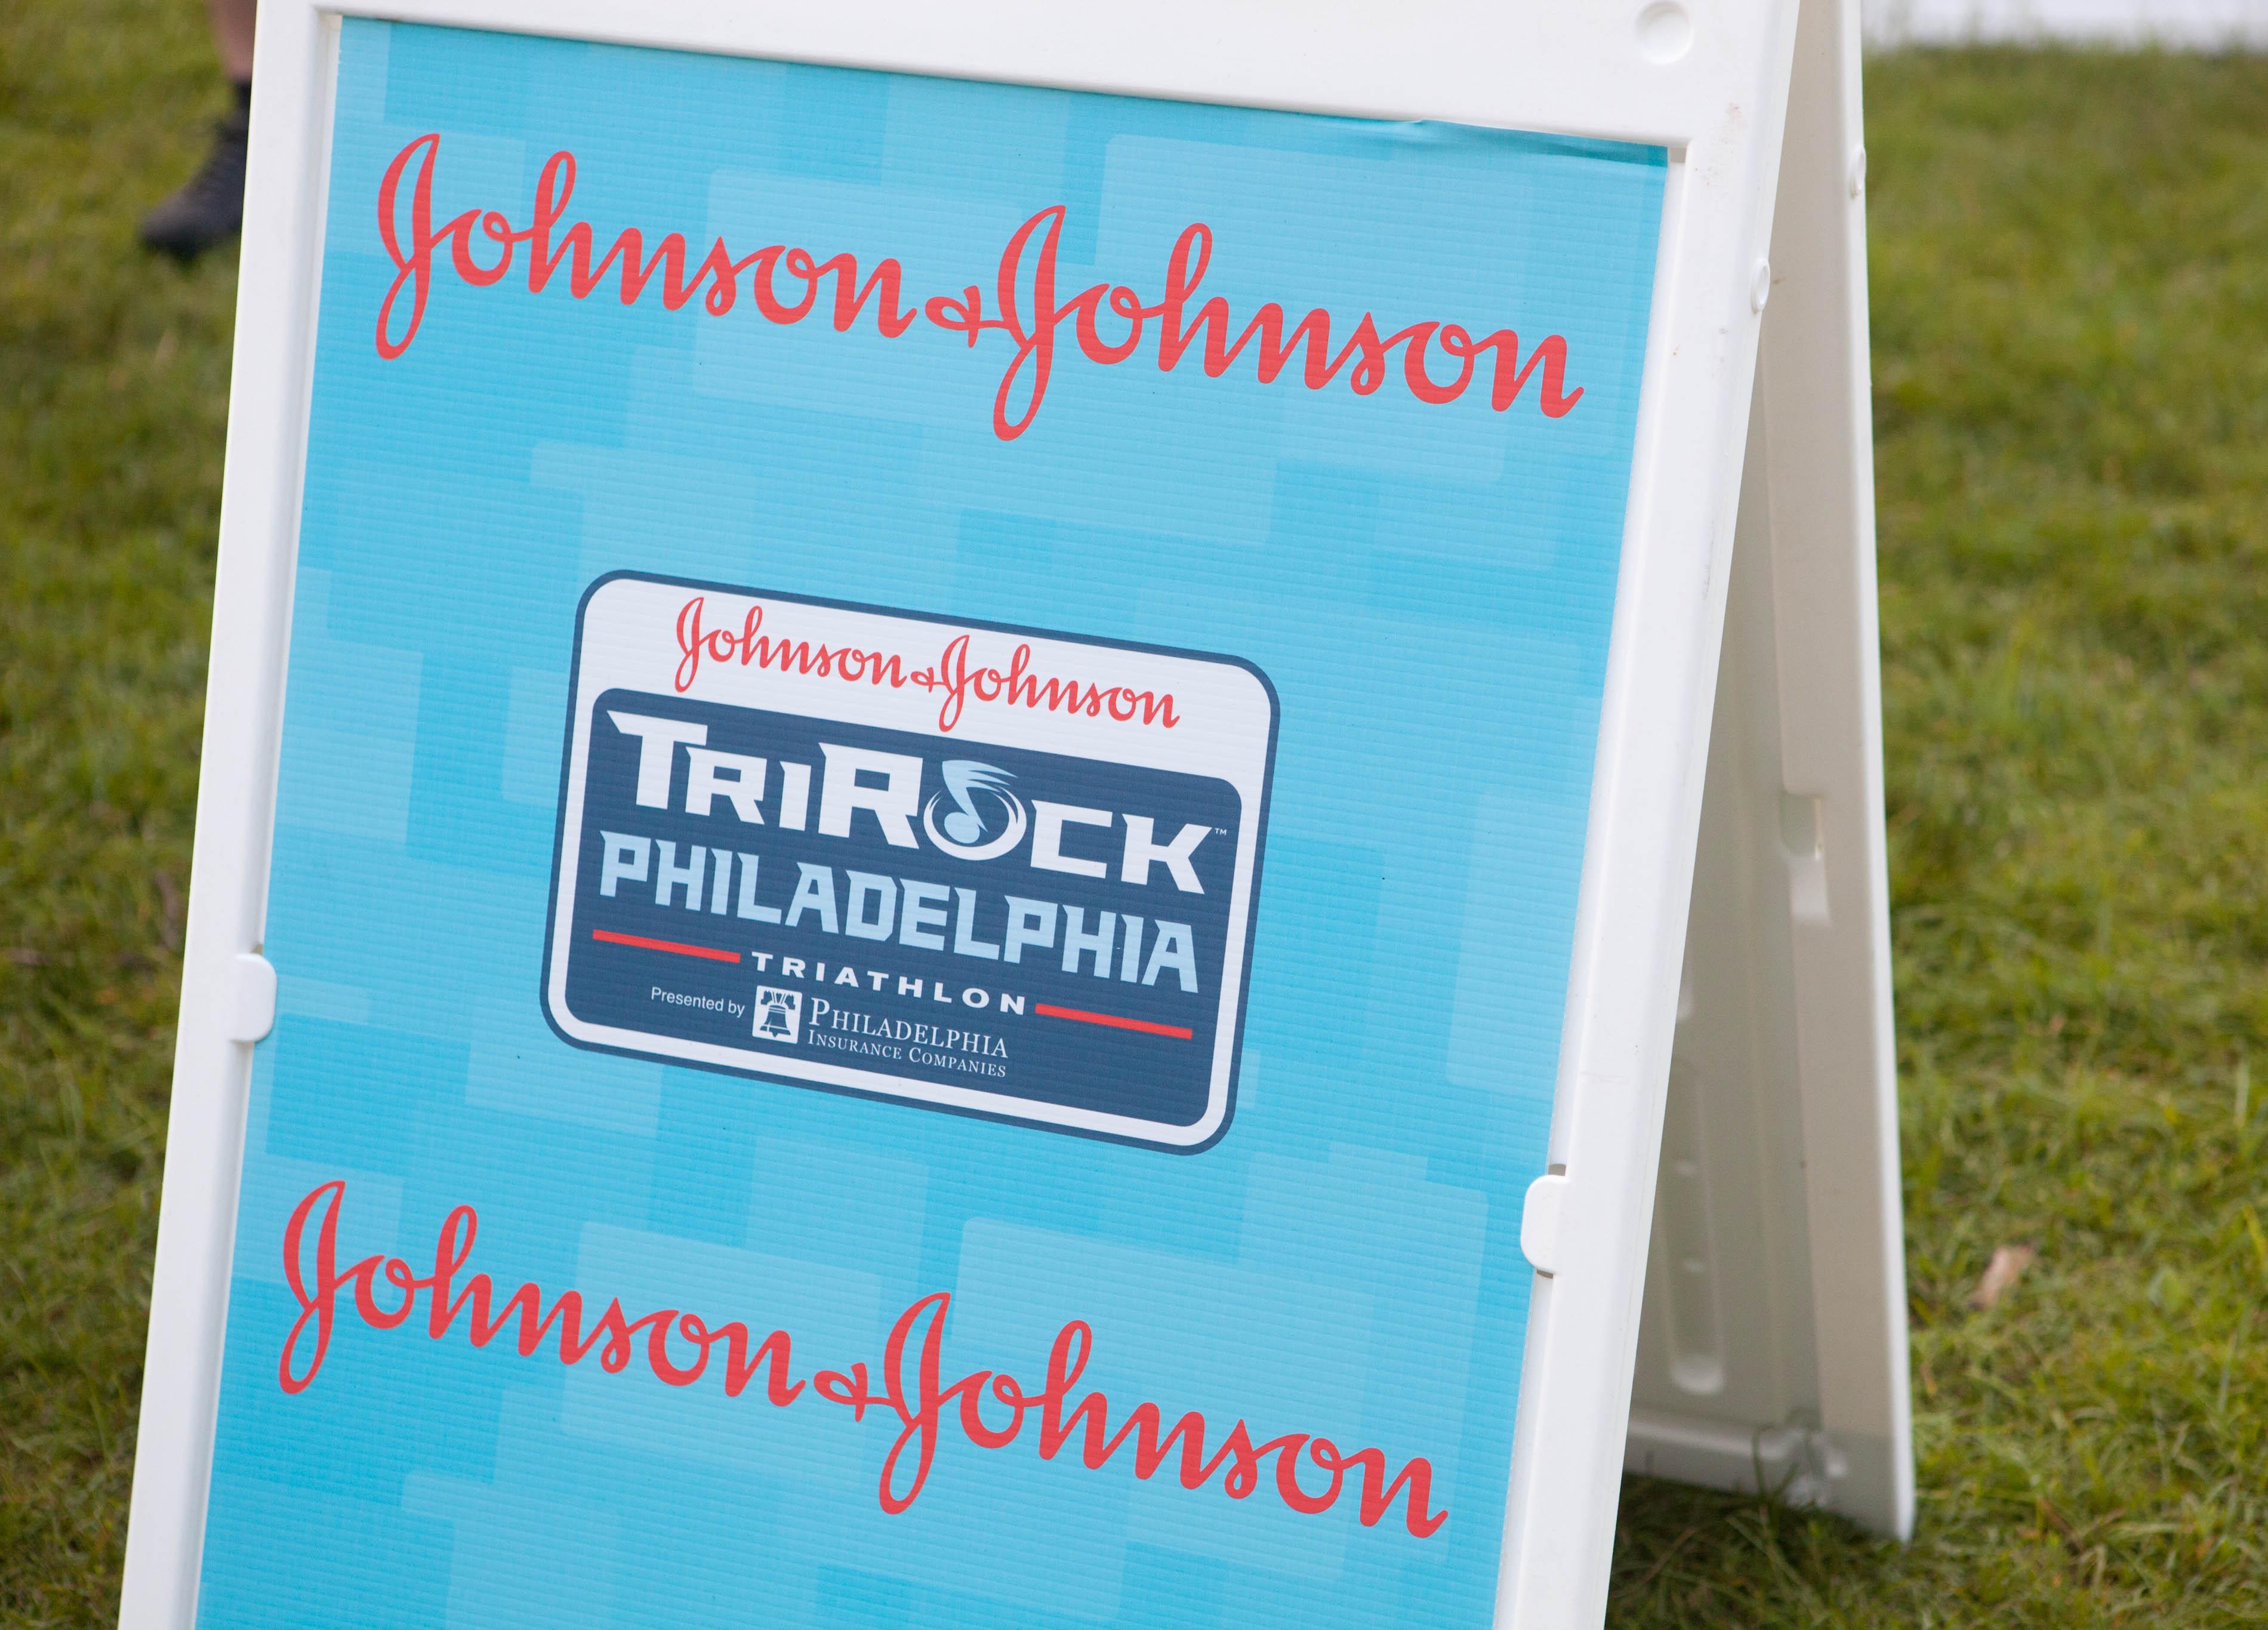 Triathlon sign for Johnson & Johnson TriRock Philadelphia.